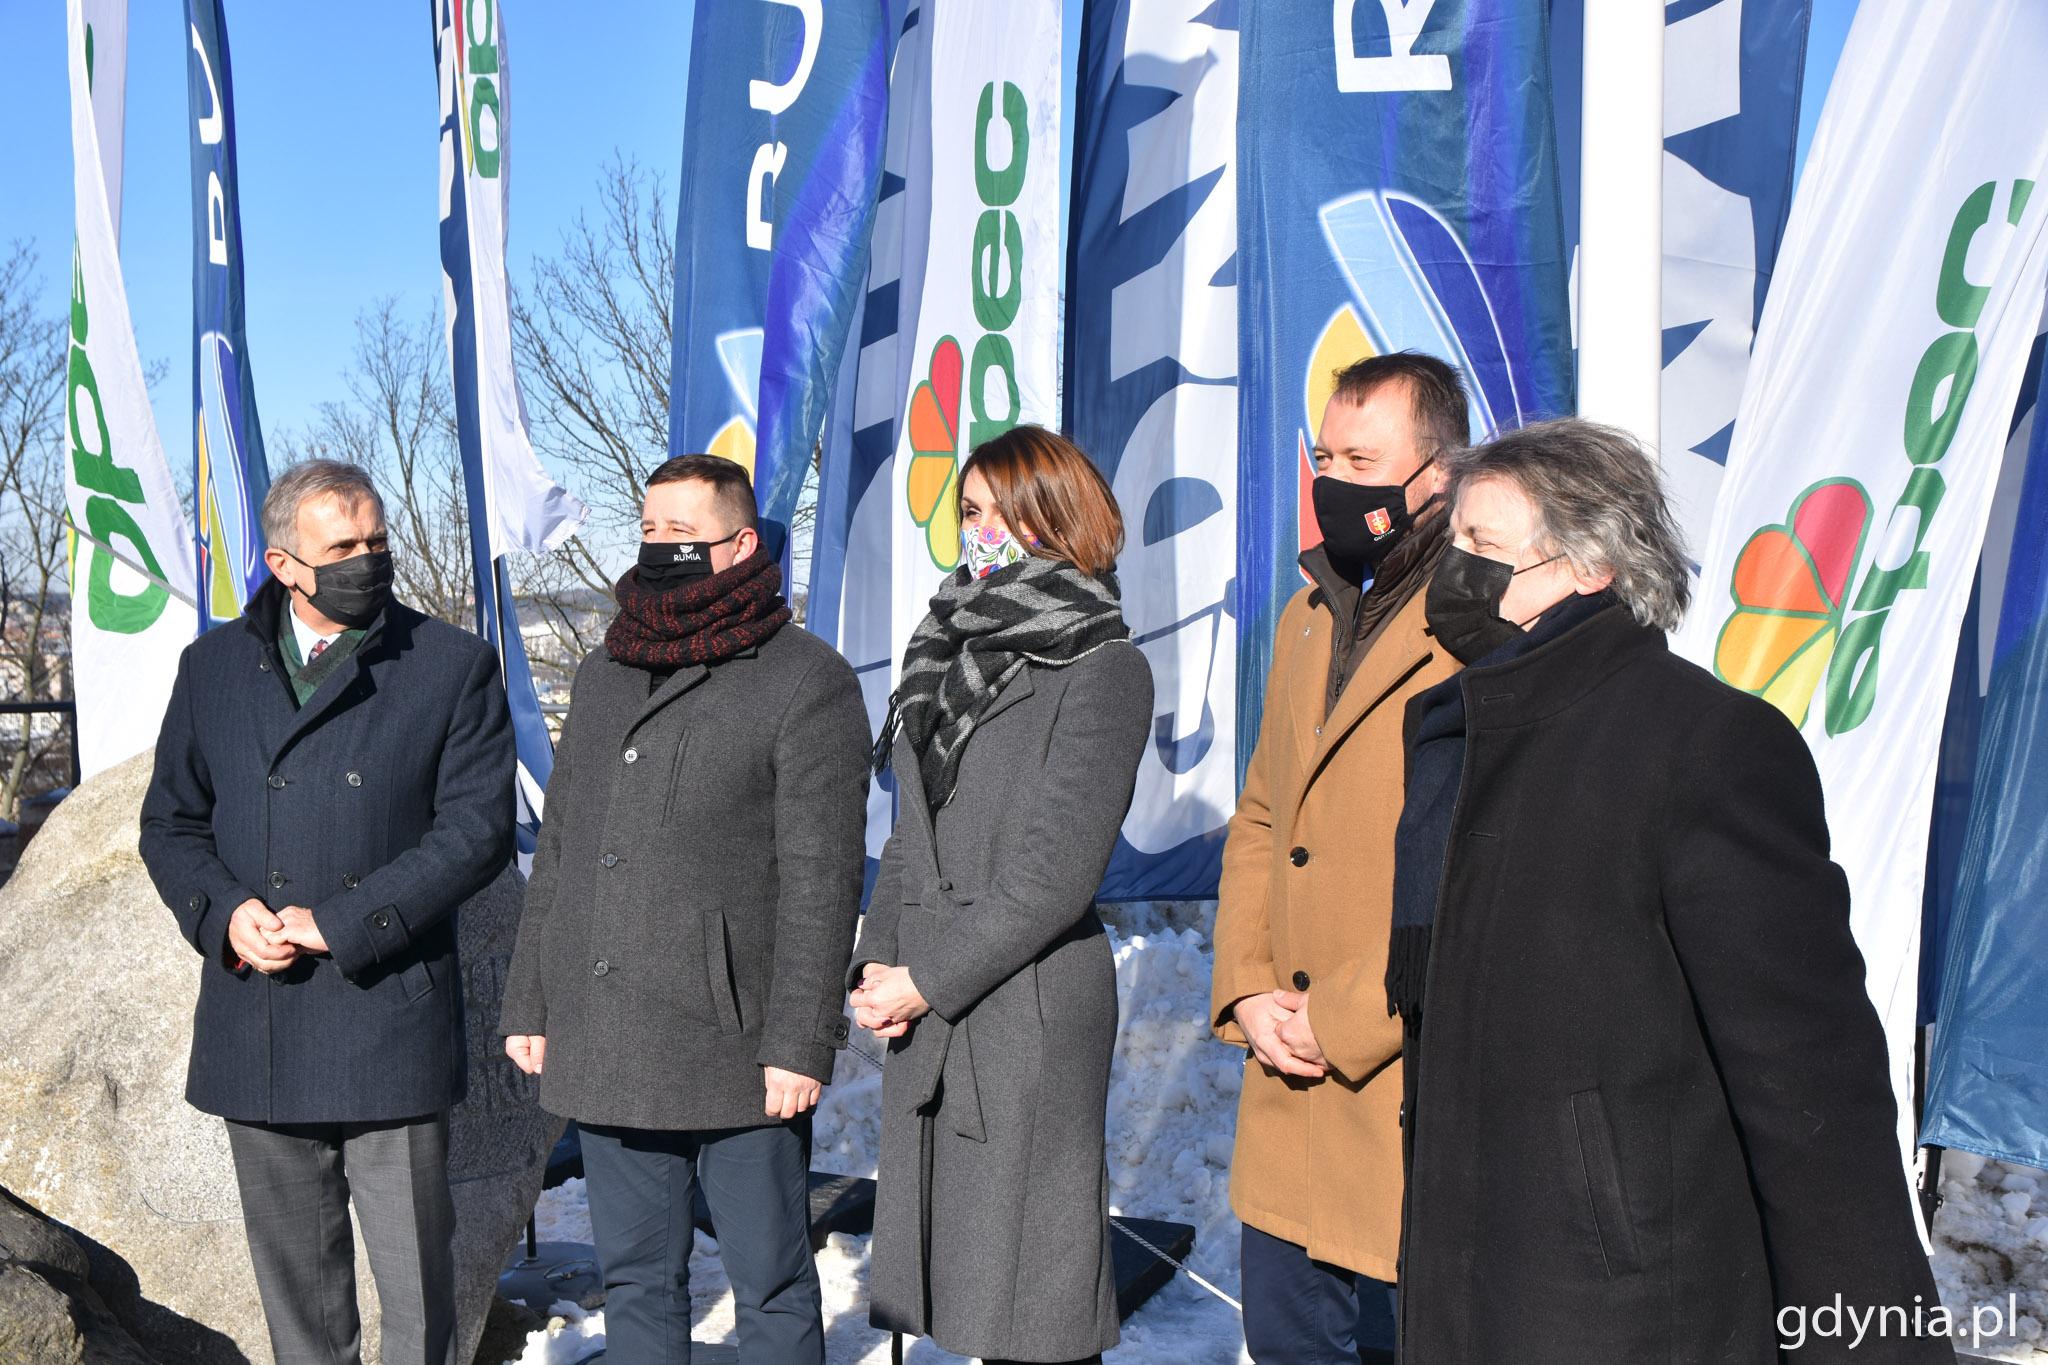 Porozumienie podpisali przedstawiciele Gdyni, Rumi, Wejherowa i gdyńskiego OPECu // fot. Magda Śliżewska